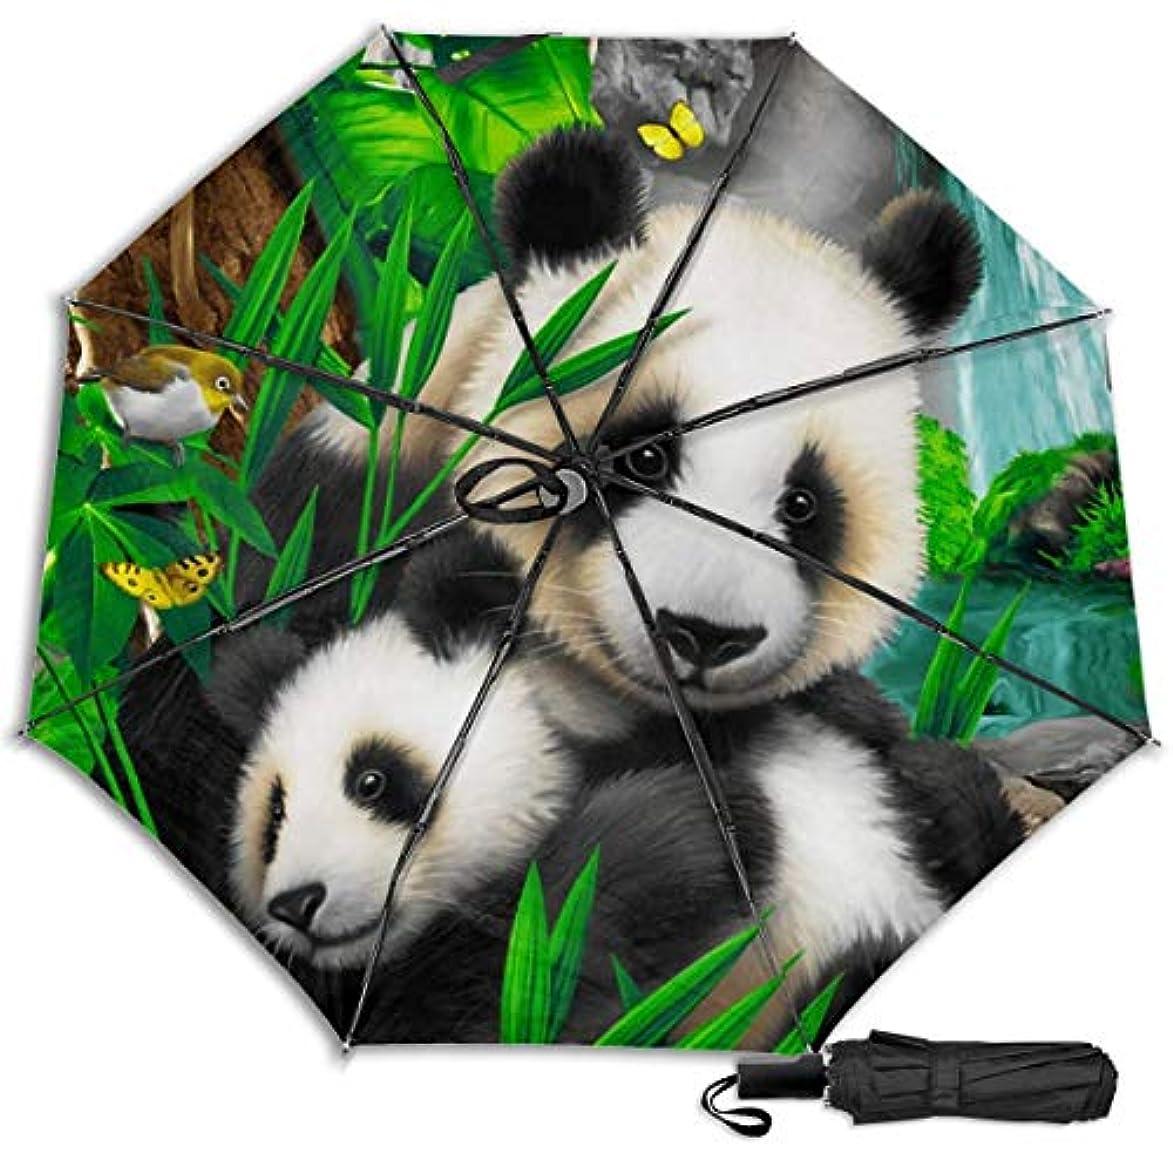 眠いです成り立つ霧プレシャスパンダ日傘 折りたたみ日傘 折り畳み日傘 超軽量 遮光率100% UVカット率99.9% UPF50+ 紫外線対策 遮熱効果 晴雨兼用 携帯便利 耐風撥水 手動 男女兼用